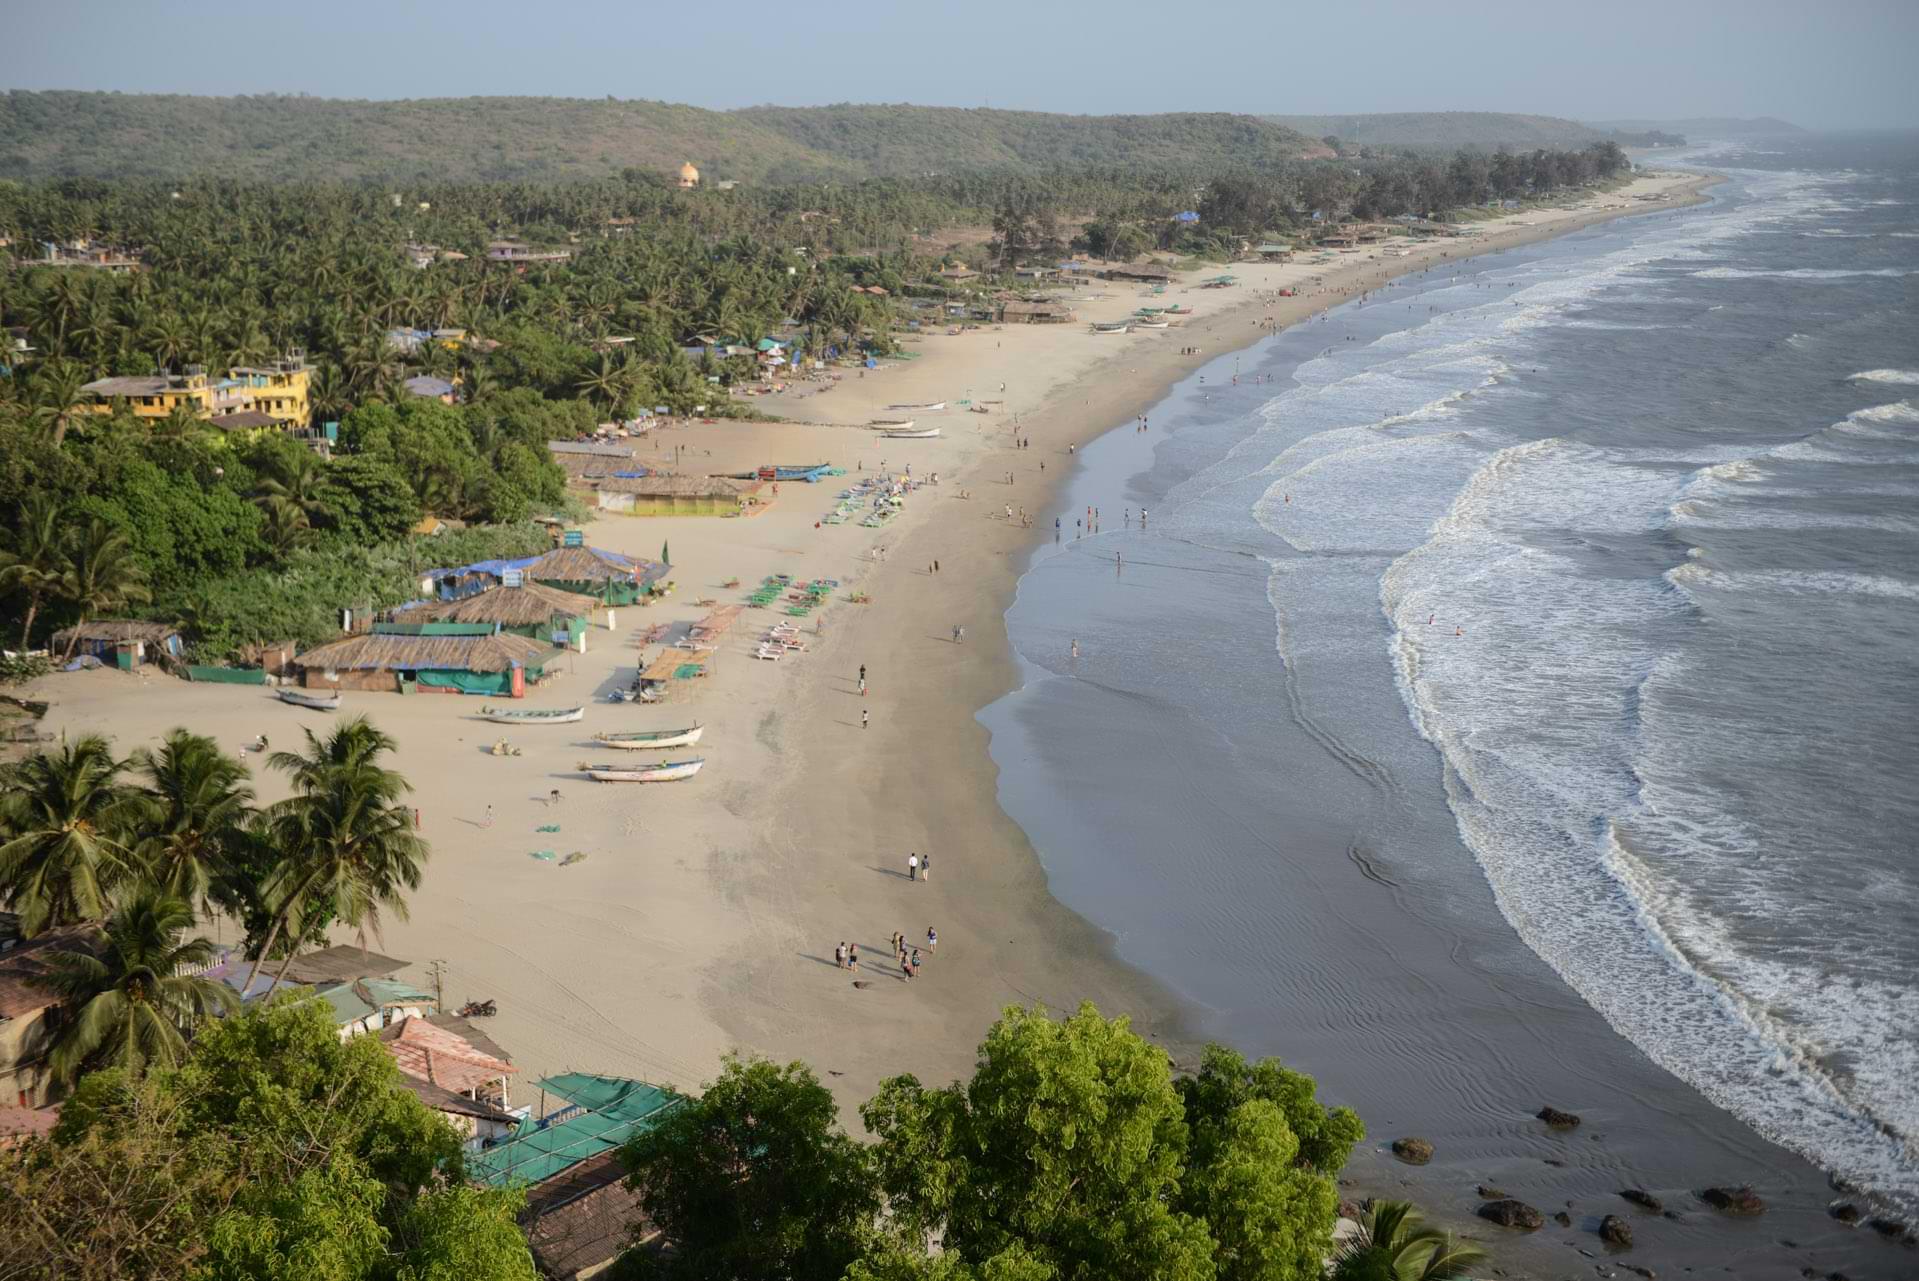 Arambol Beach, Goa Beach Guide, die schönsten Strände von Norden nach Süden, Strand, best beaches, Nordgoa, Südgoa, Indien, India, Beach-Hopping, Reisen mit Kindern, Indien mit Kindern, Südasien, Bilder, Fotos, Reiseberichte, www.wo-der-pfeffer-waechst.de